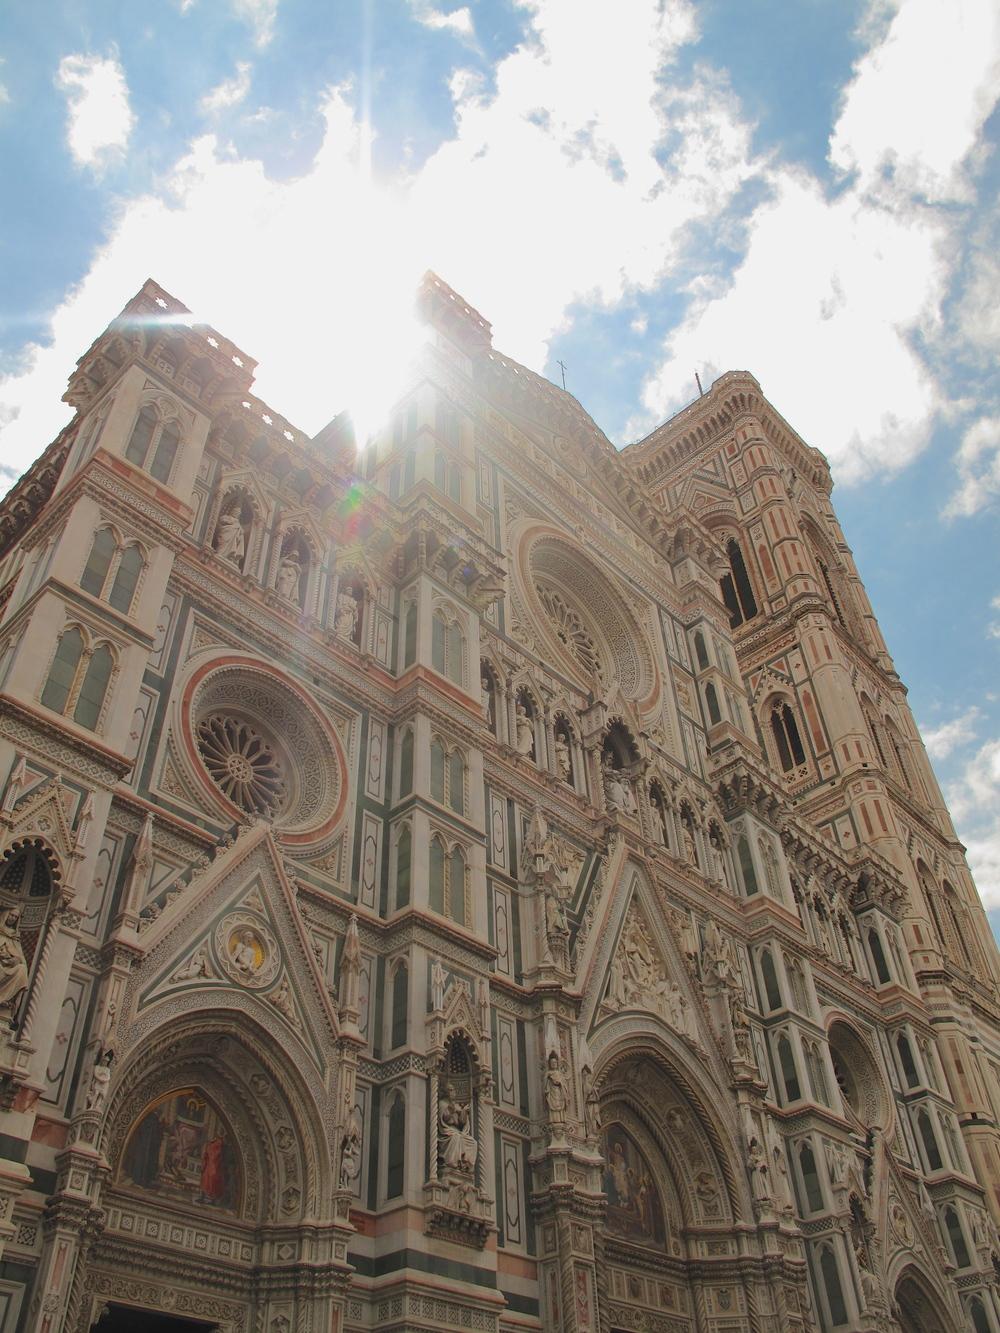 Cattedrale di Santa Maria del Fiore façade, Florence